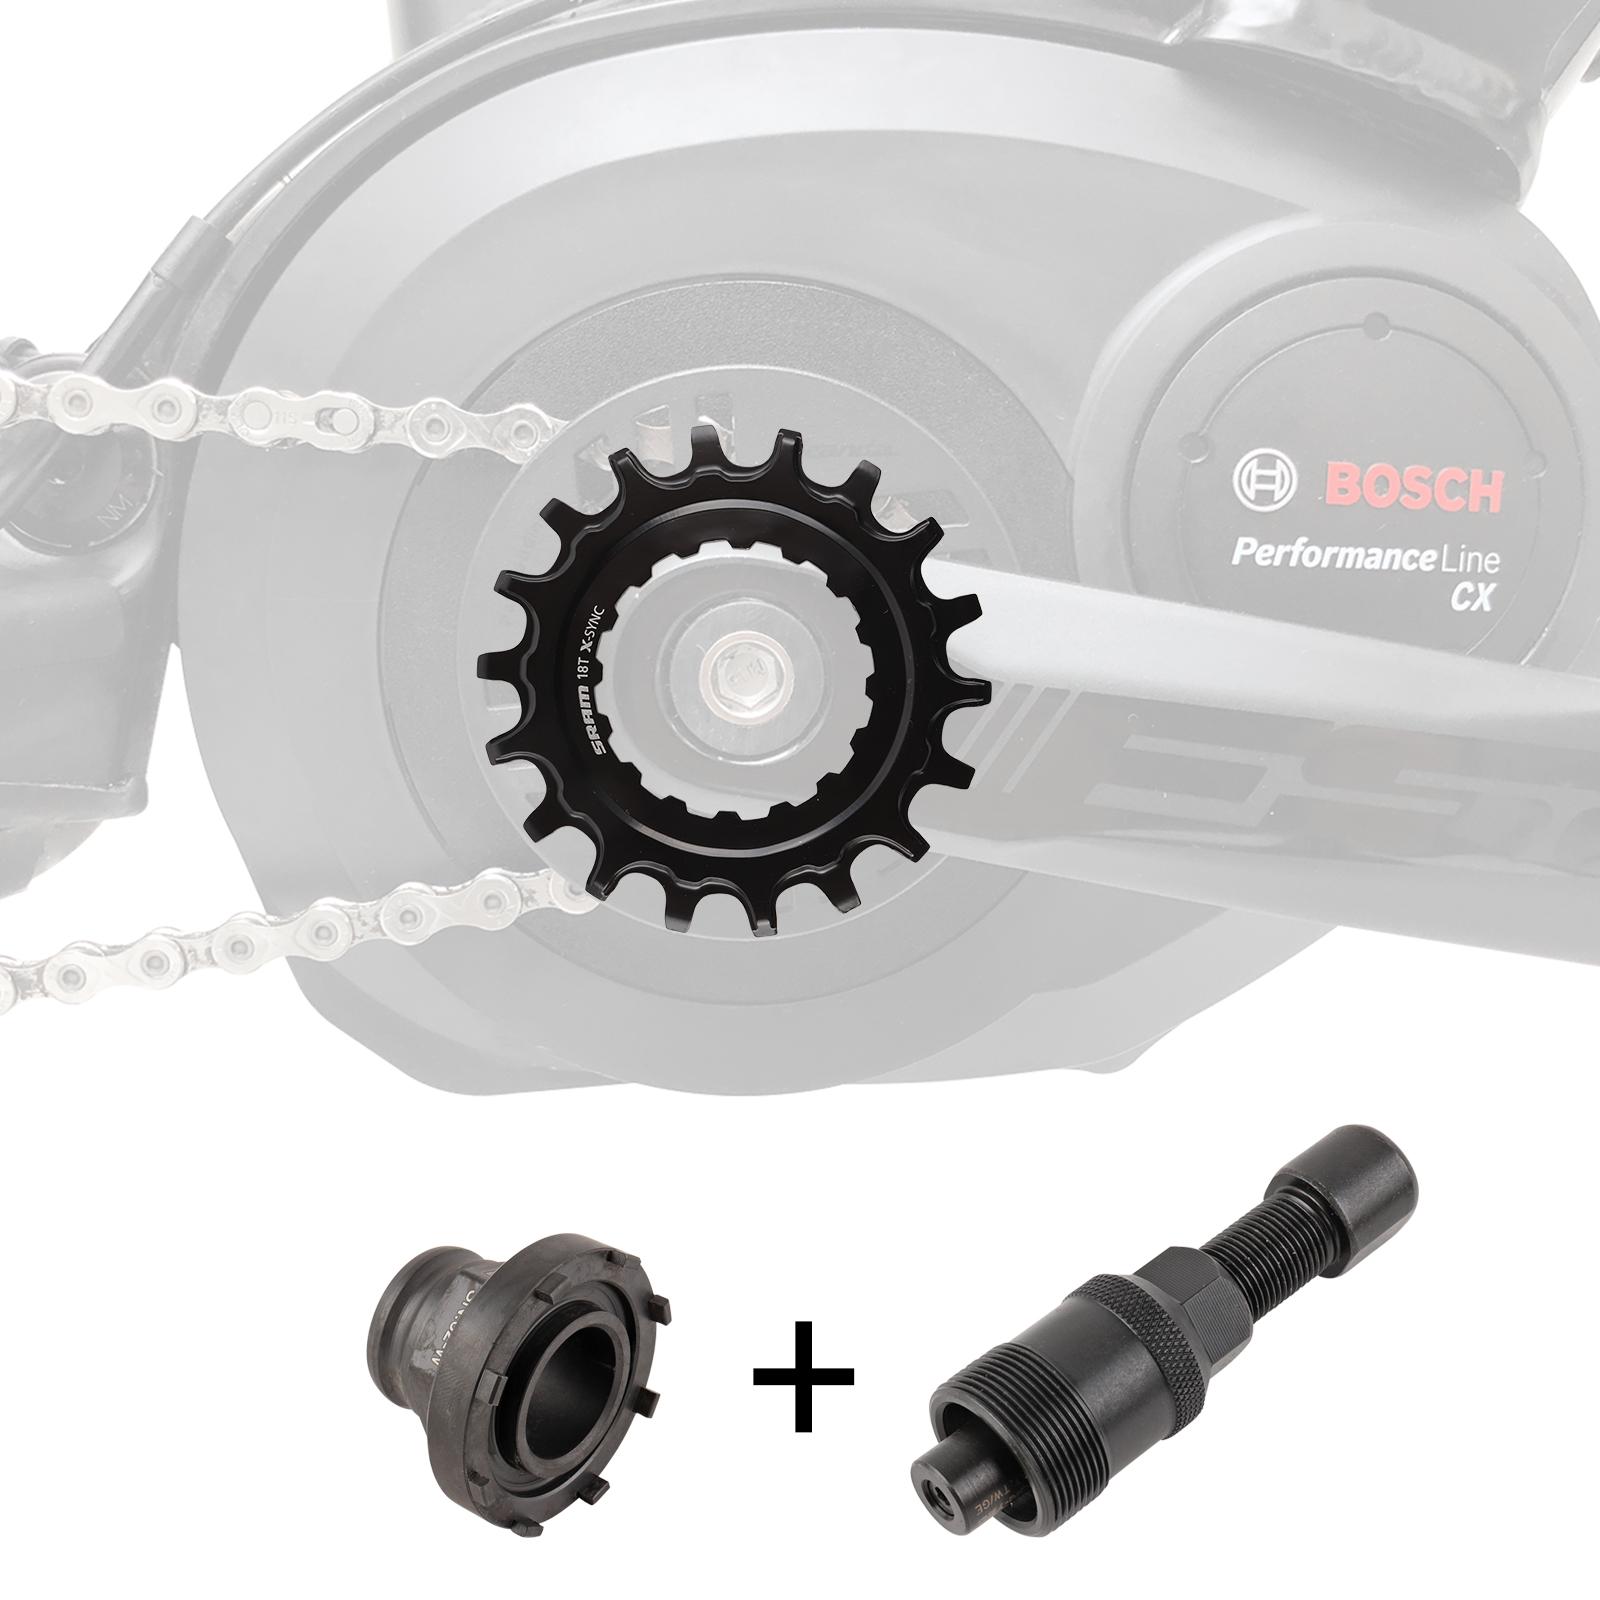 SRAM Kettenblatt 18T EX1 X-Sync™ für Bosch inkl. Montagewerkzeug